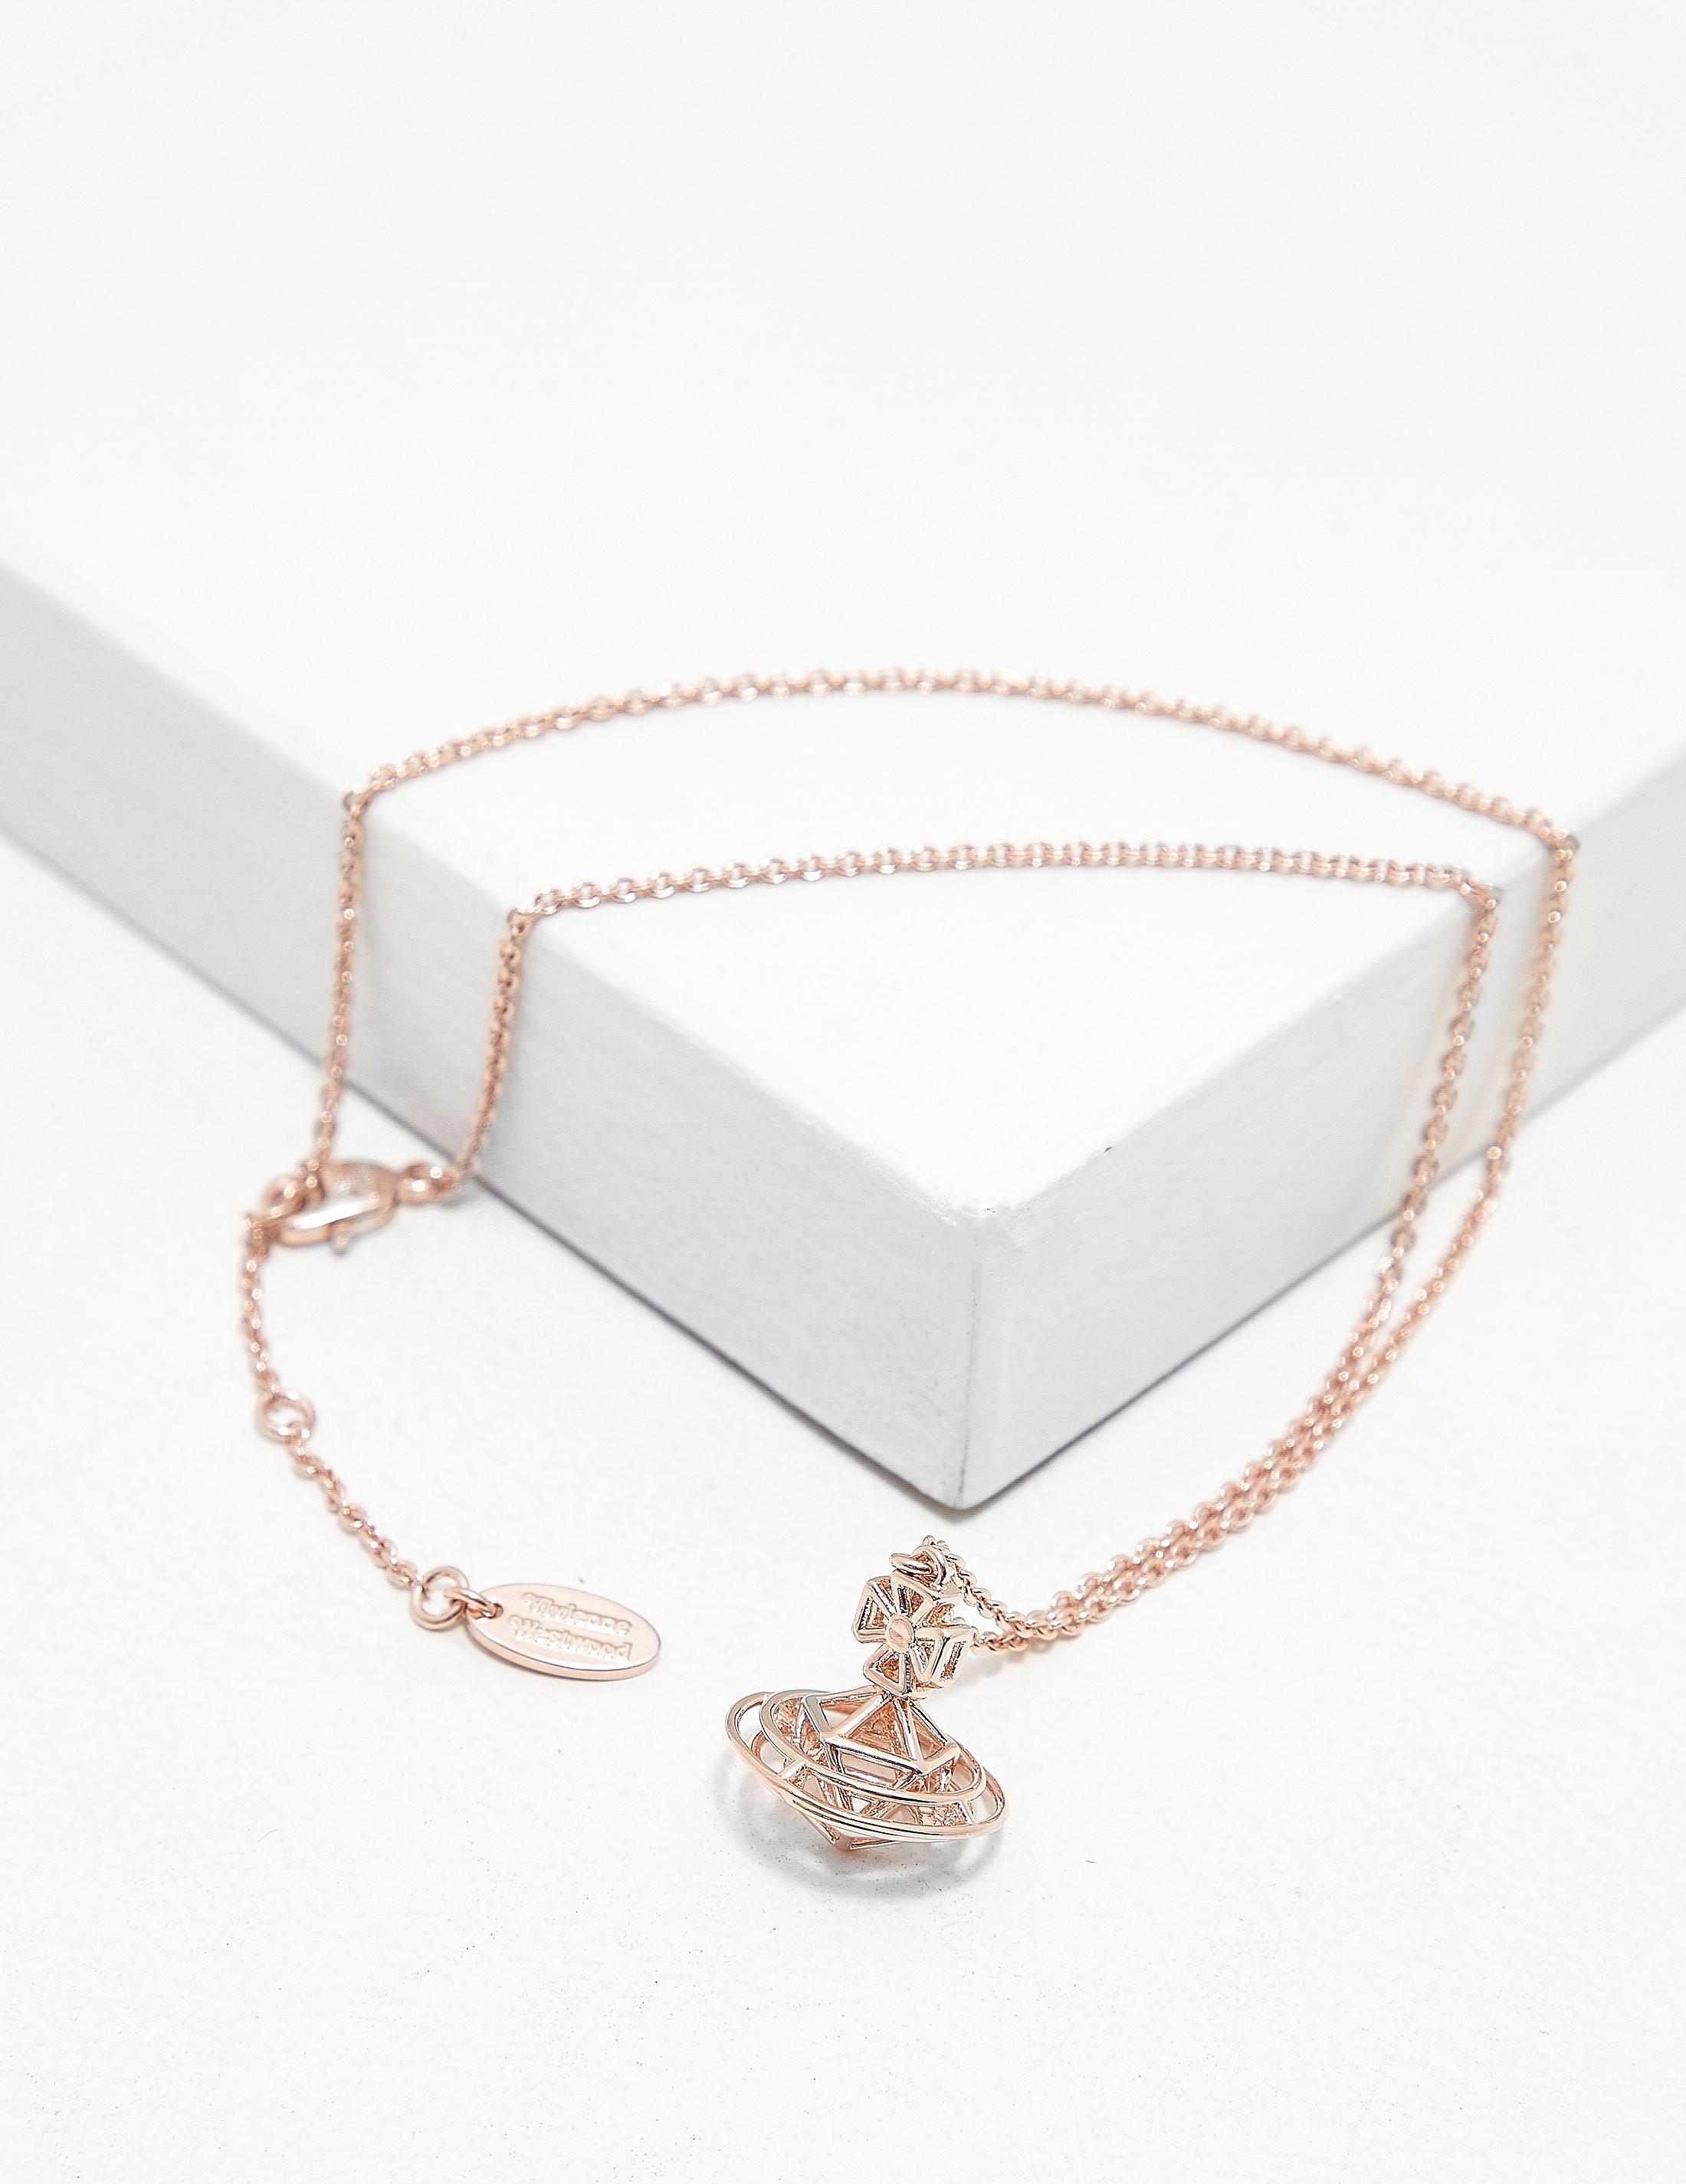 Vivienne Westwood Robbie 3D Necklace